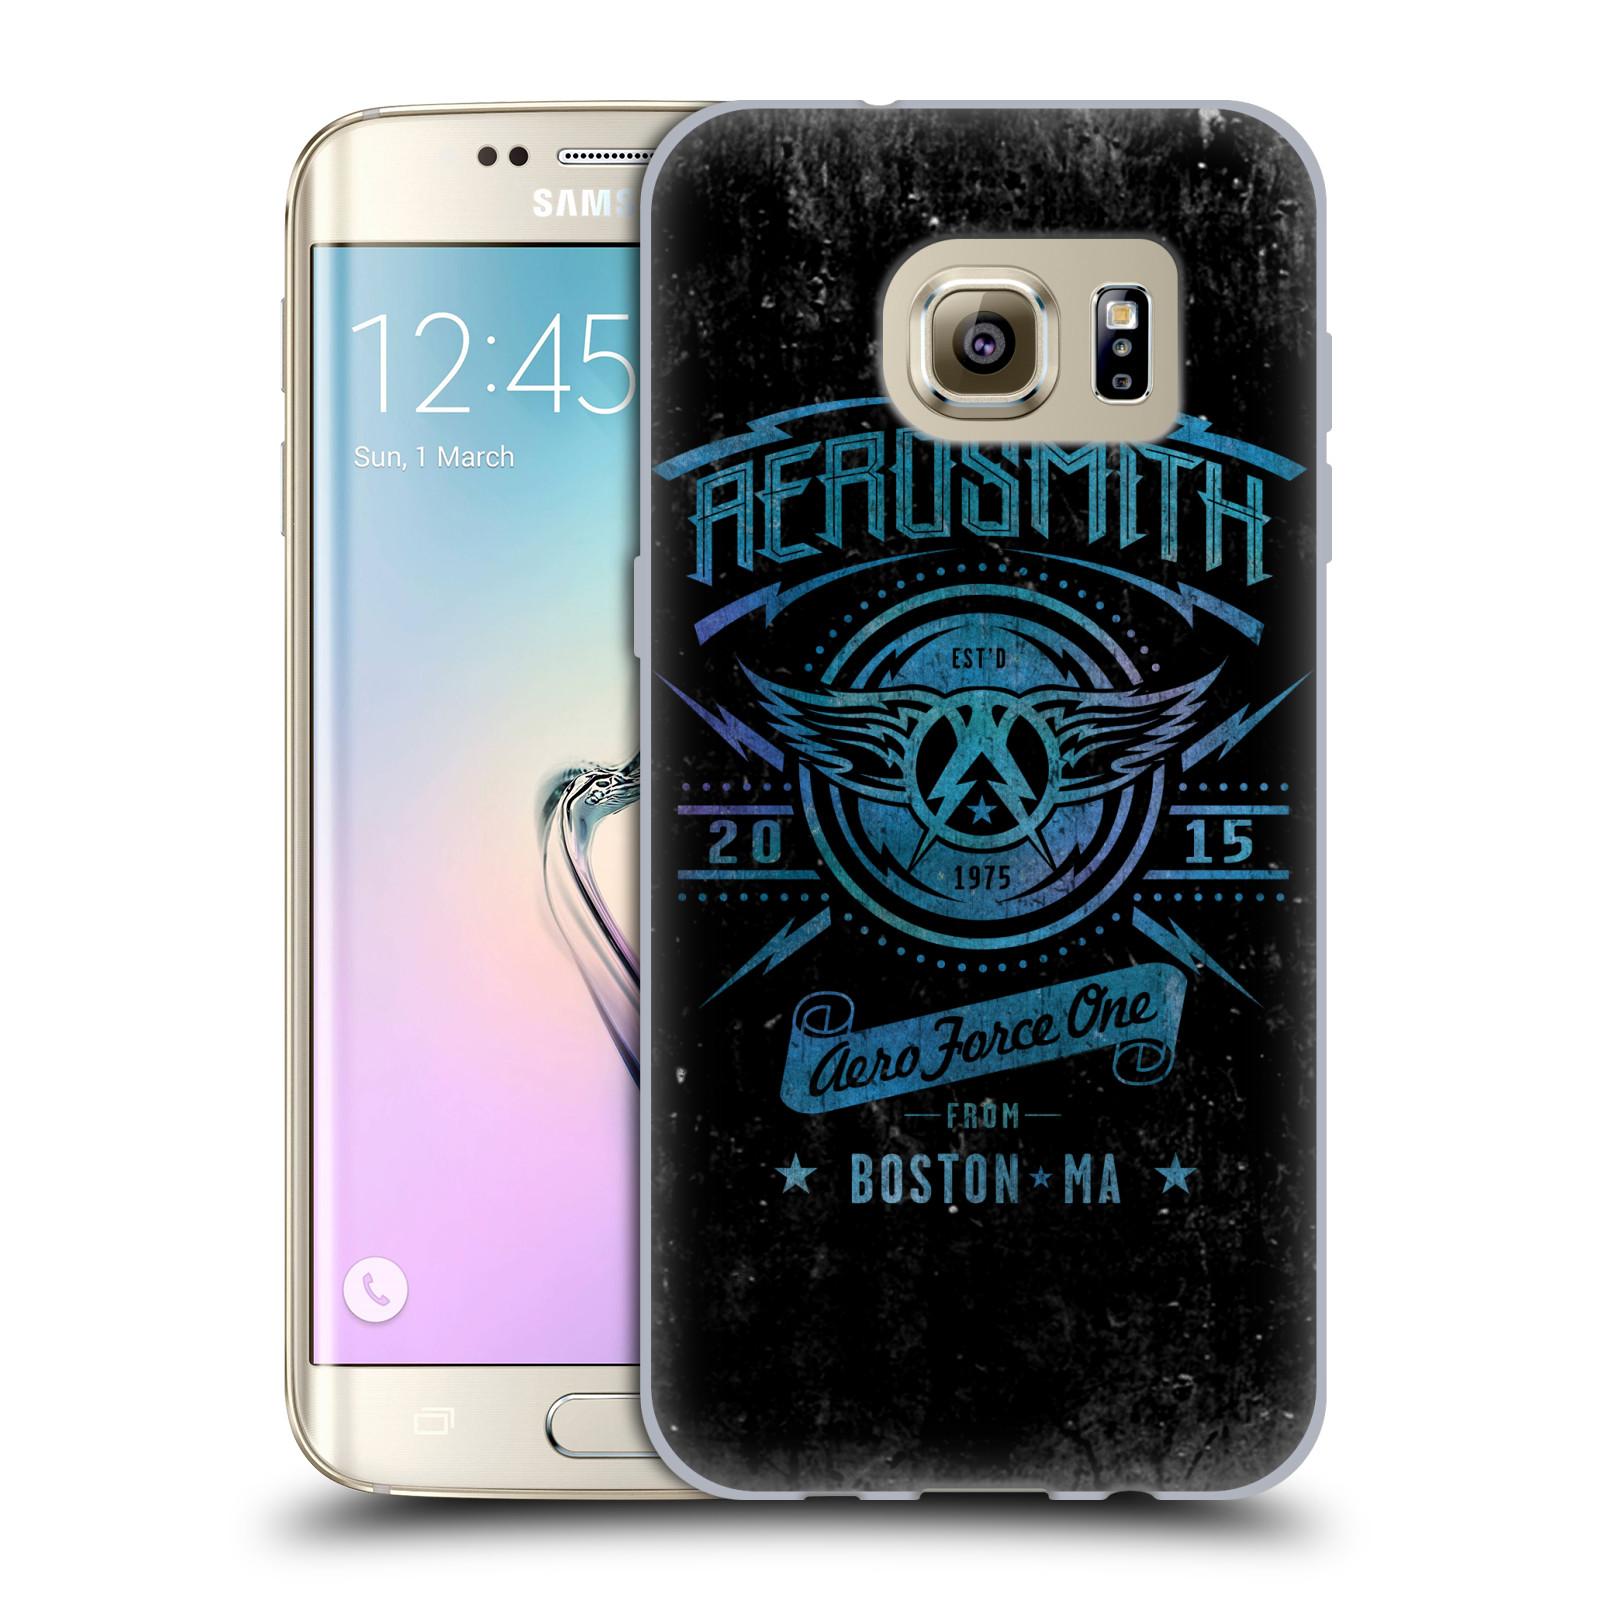 Silikonové pouzdro na mobil Samsung Galaxy S7 Edge HEAD CASE - Aerosmith - Aero Force One (Silikonový kryt či obal na mobilní telefon s licencovaným motivem Aerosmith pro Samsung Galaxy S7 Edge SM-G935F)